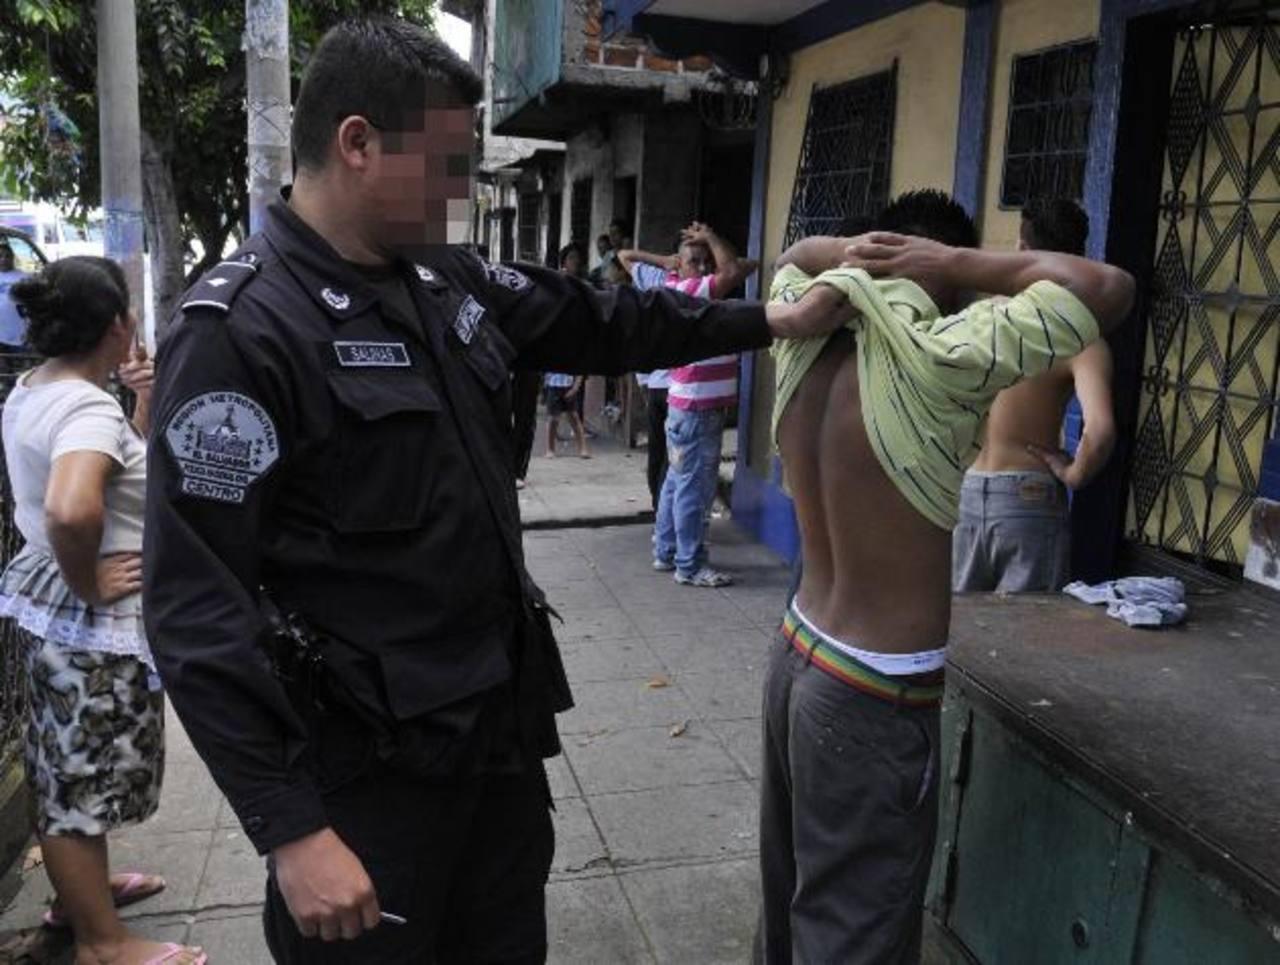 El fiscal General, Luis Martínez, criticó de nuevo la tregua entre pandillas porque, según él, eso las fortaleció. Foto EDH / Archivo.